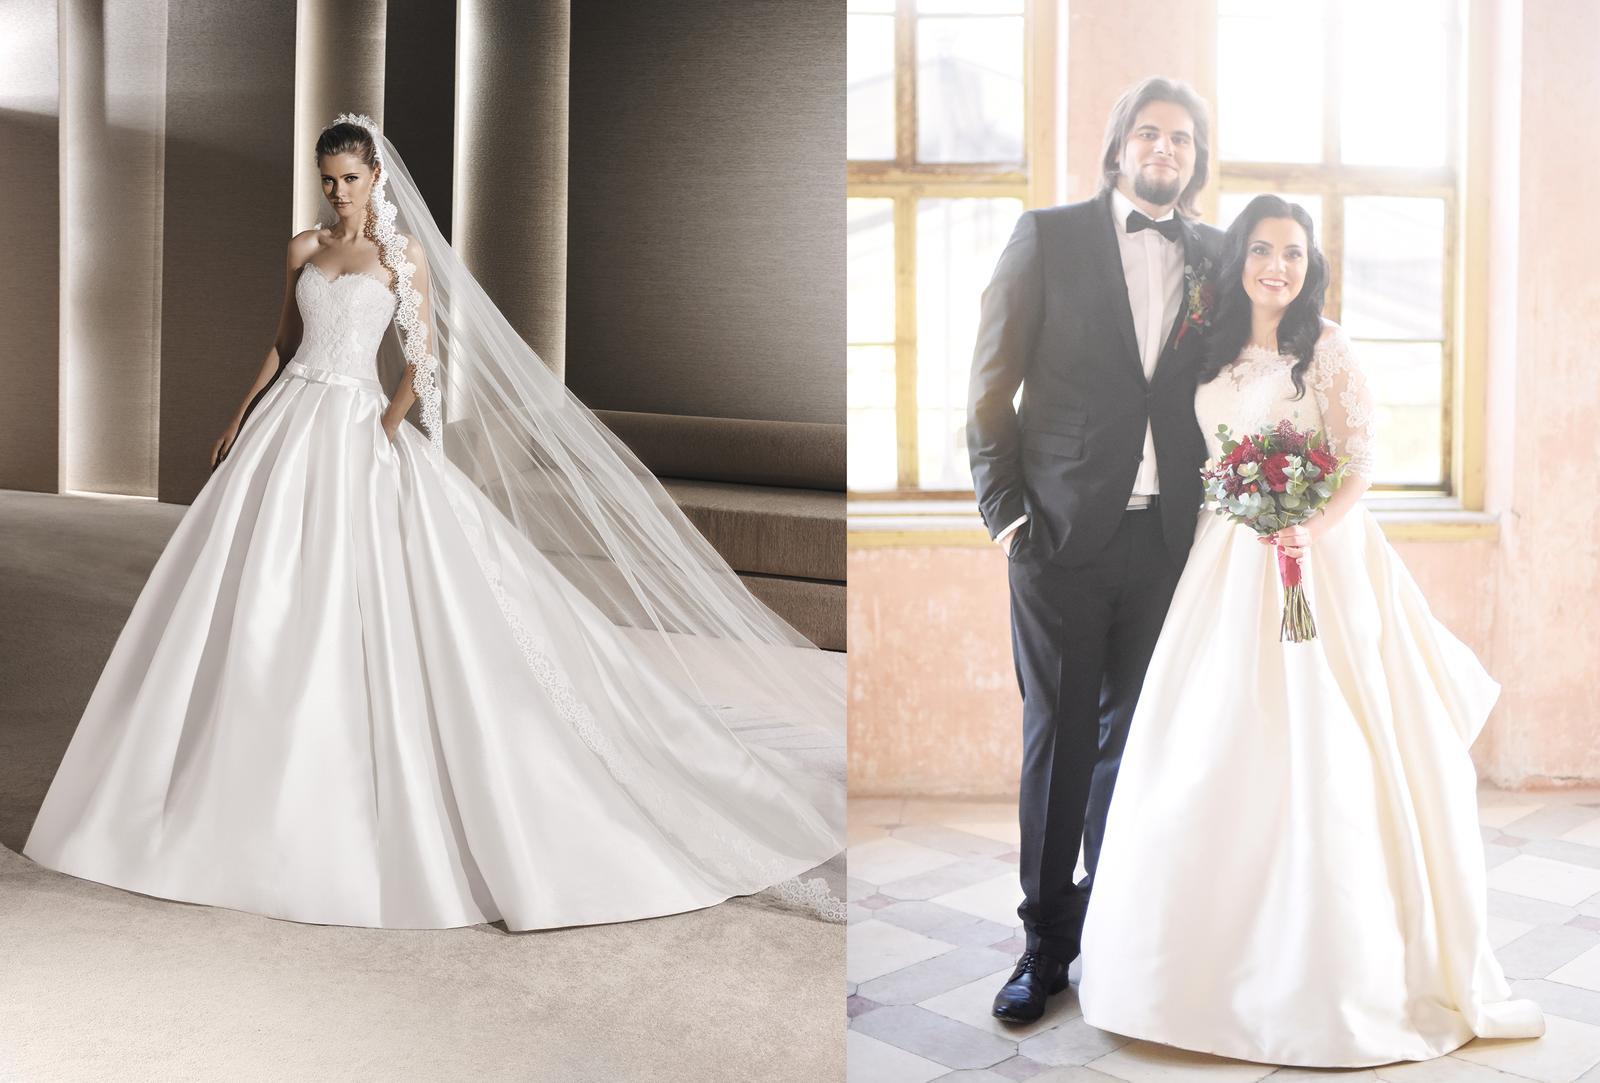 Svadobné šaty na modelke a na reálnej neveste - Krásna nevesta @levandullka a jej svadobné šaty La Sposa model Ruperta zo salónu WEM v Bratislave.